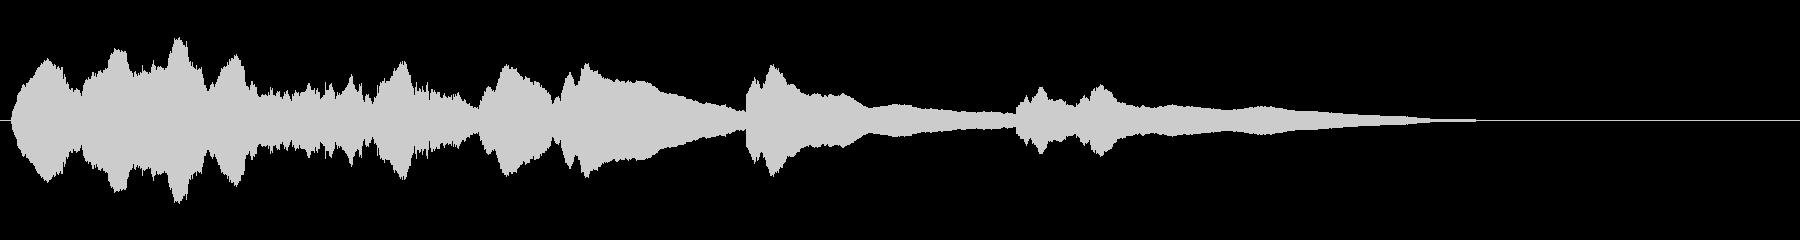 生音エレキギター3弦チューニング2エコーの未再生の波形